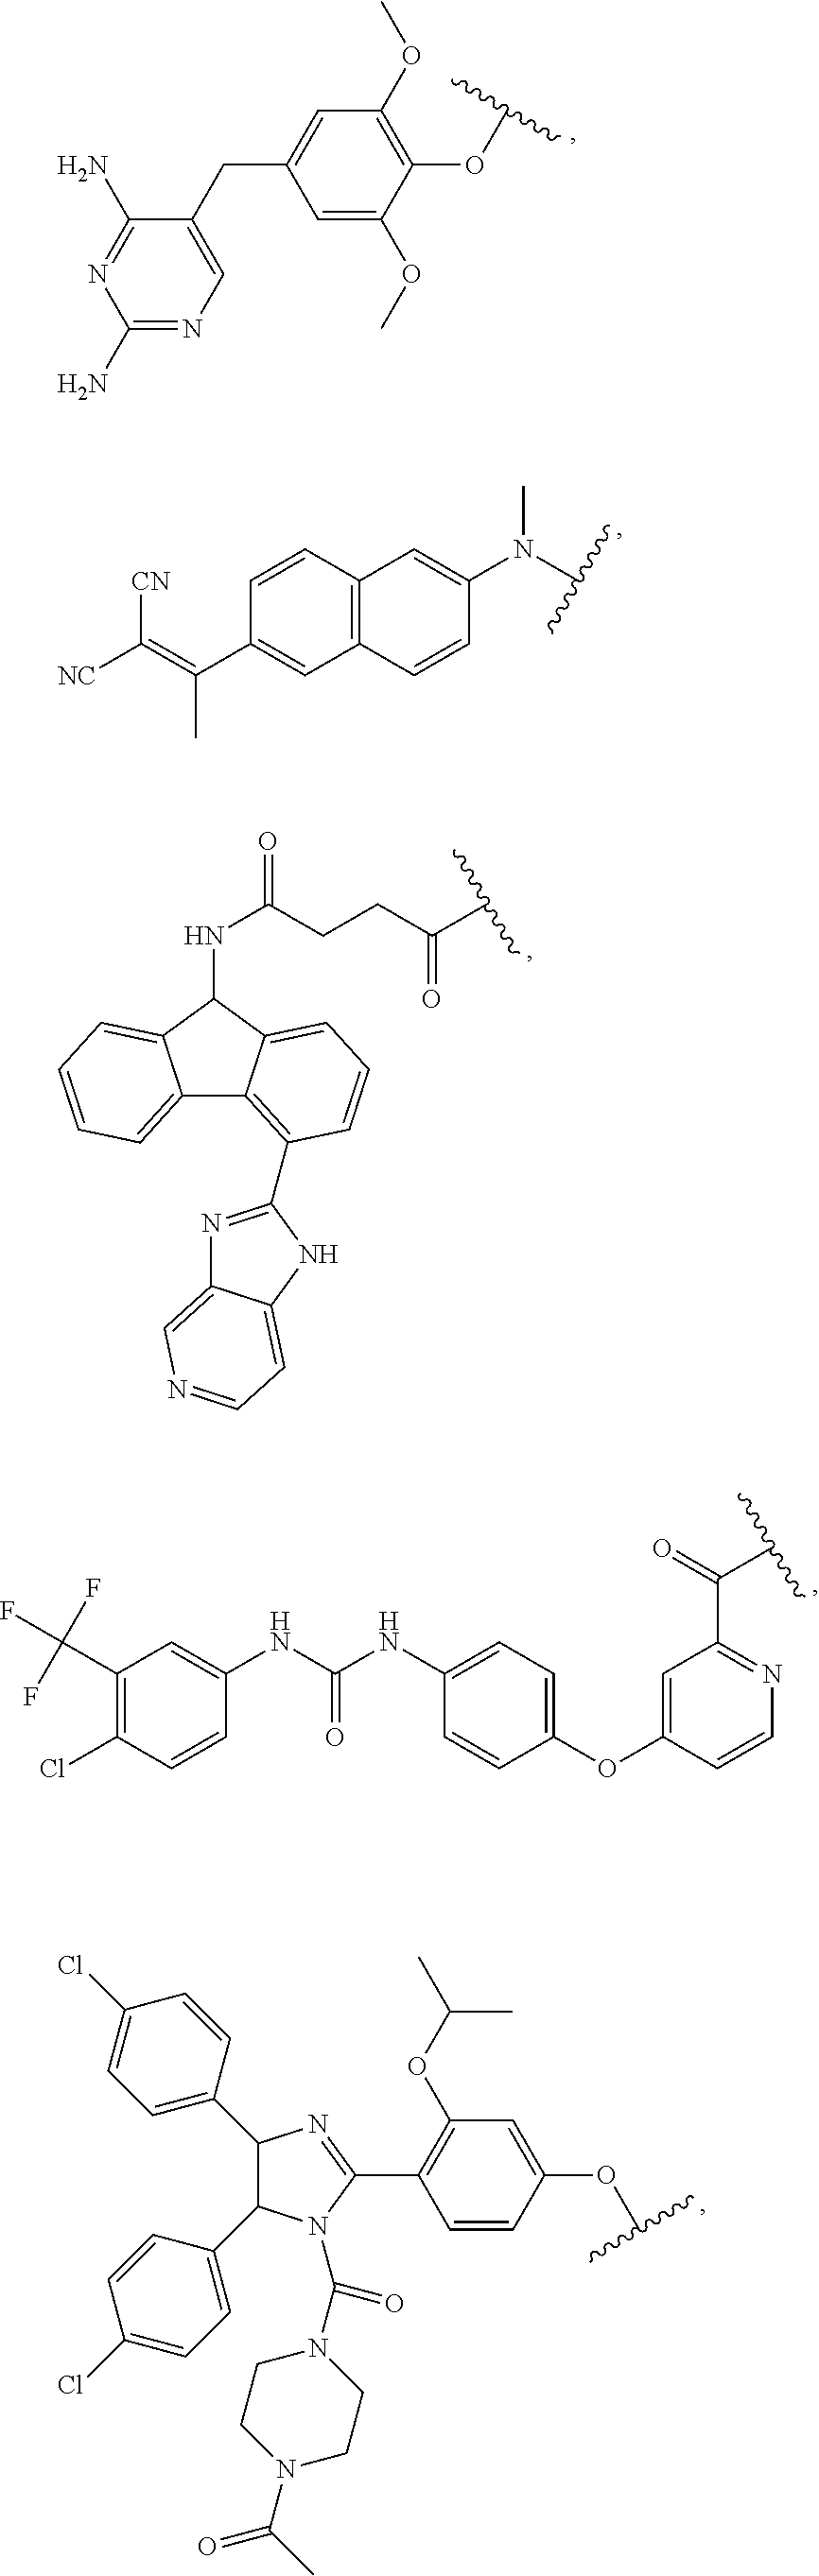 Figure US09809603-20171107-C00050